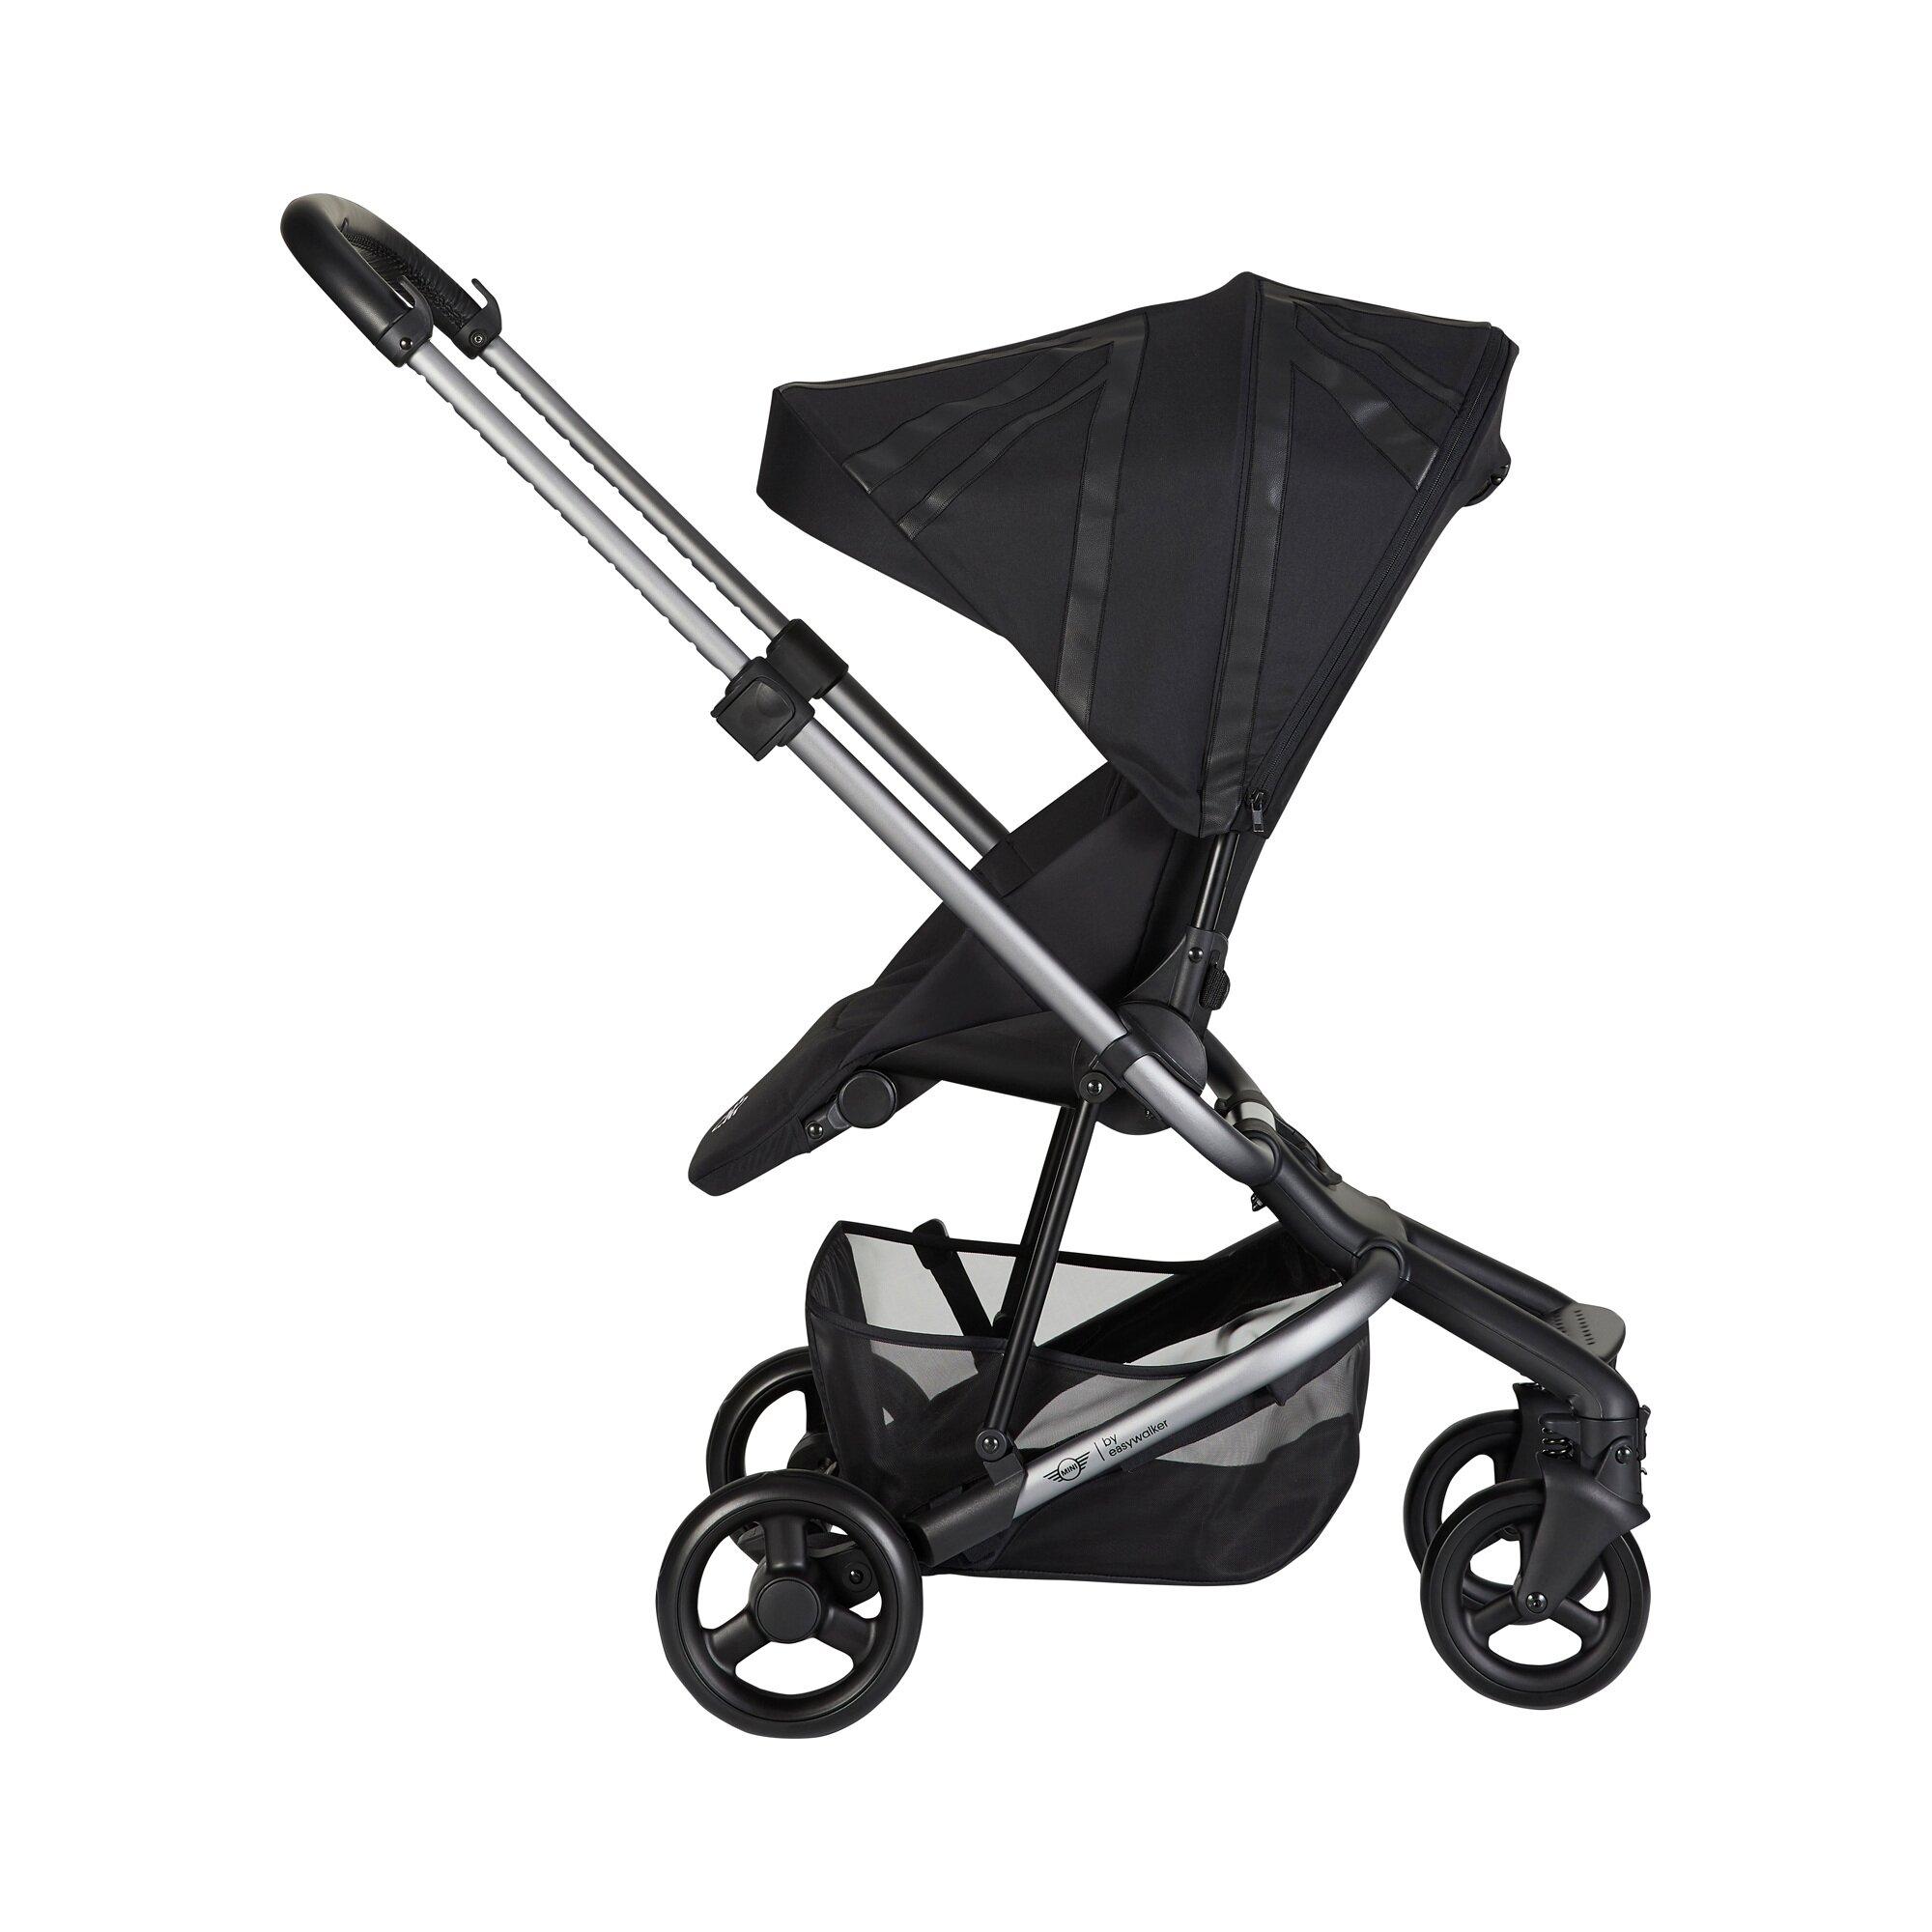 easywalker-mini-kinderwagen-schwarz